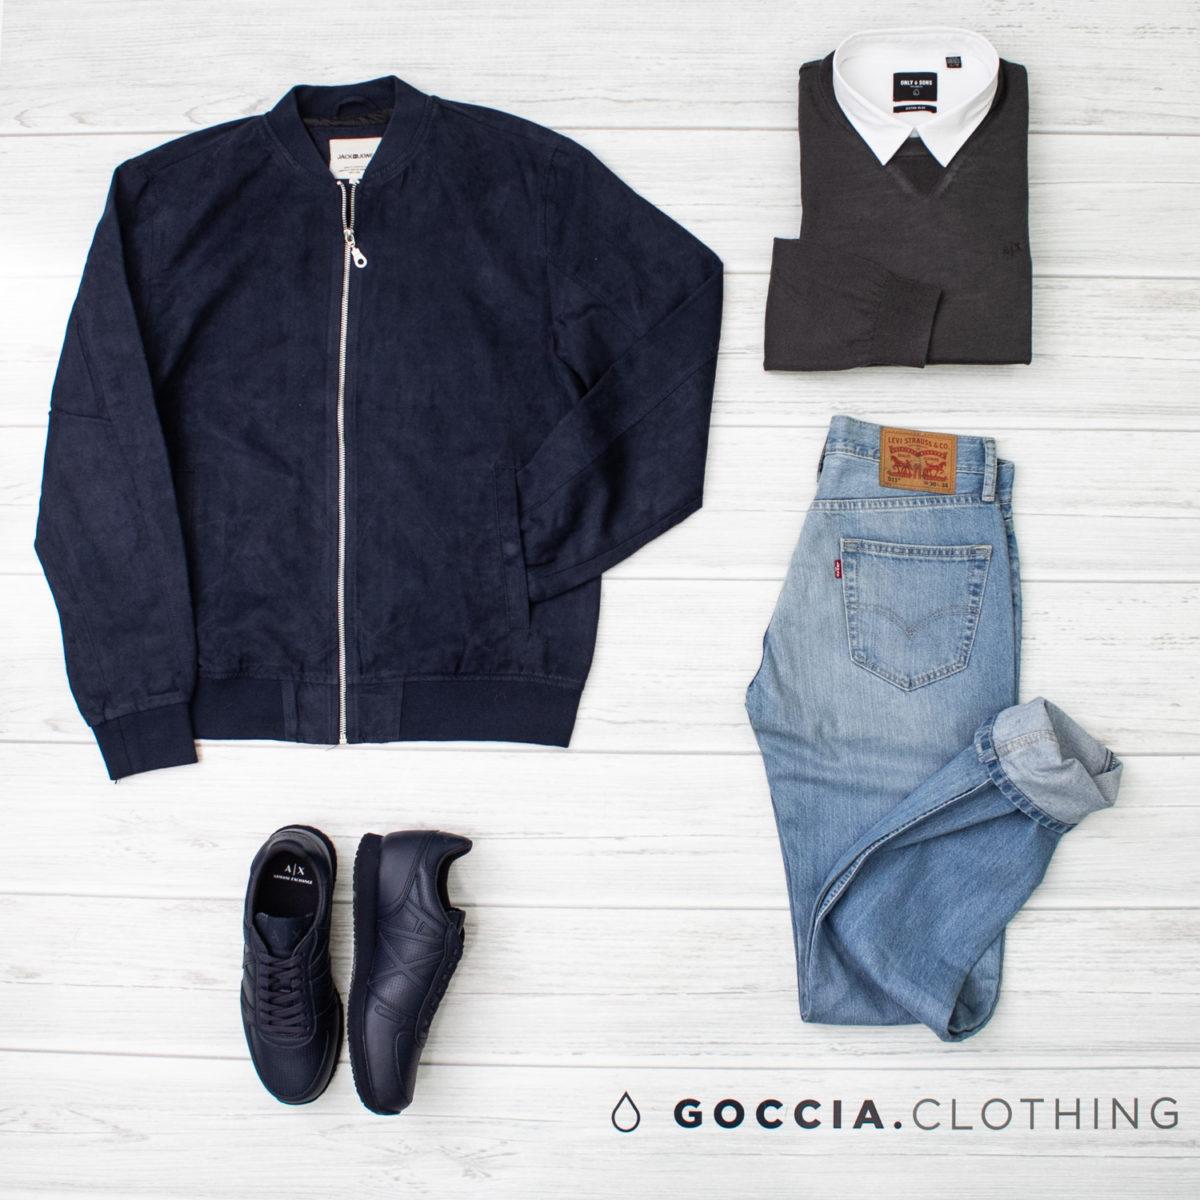 Goccia Clothing moda uomo autunno inverno 3